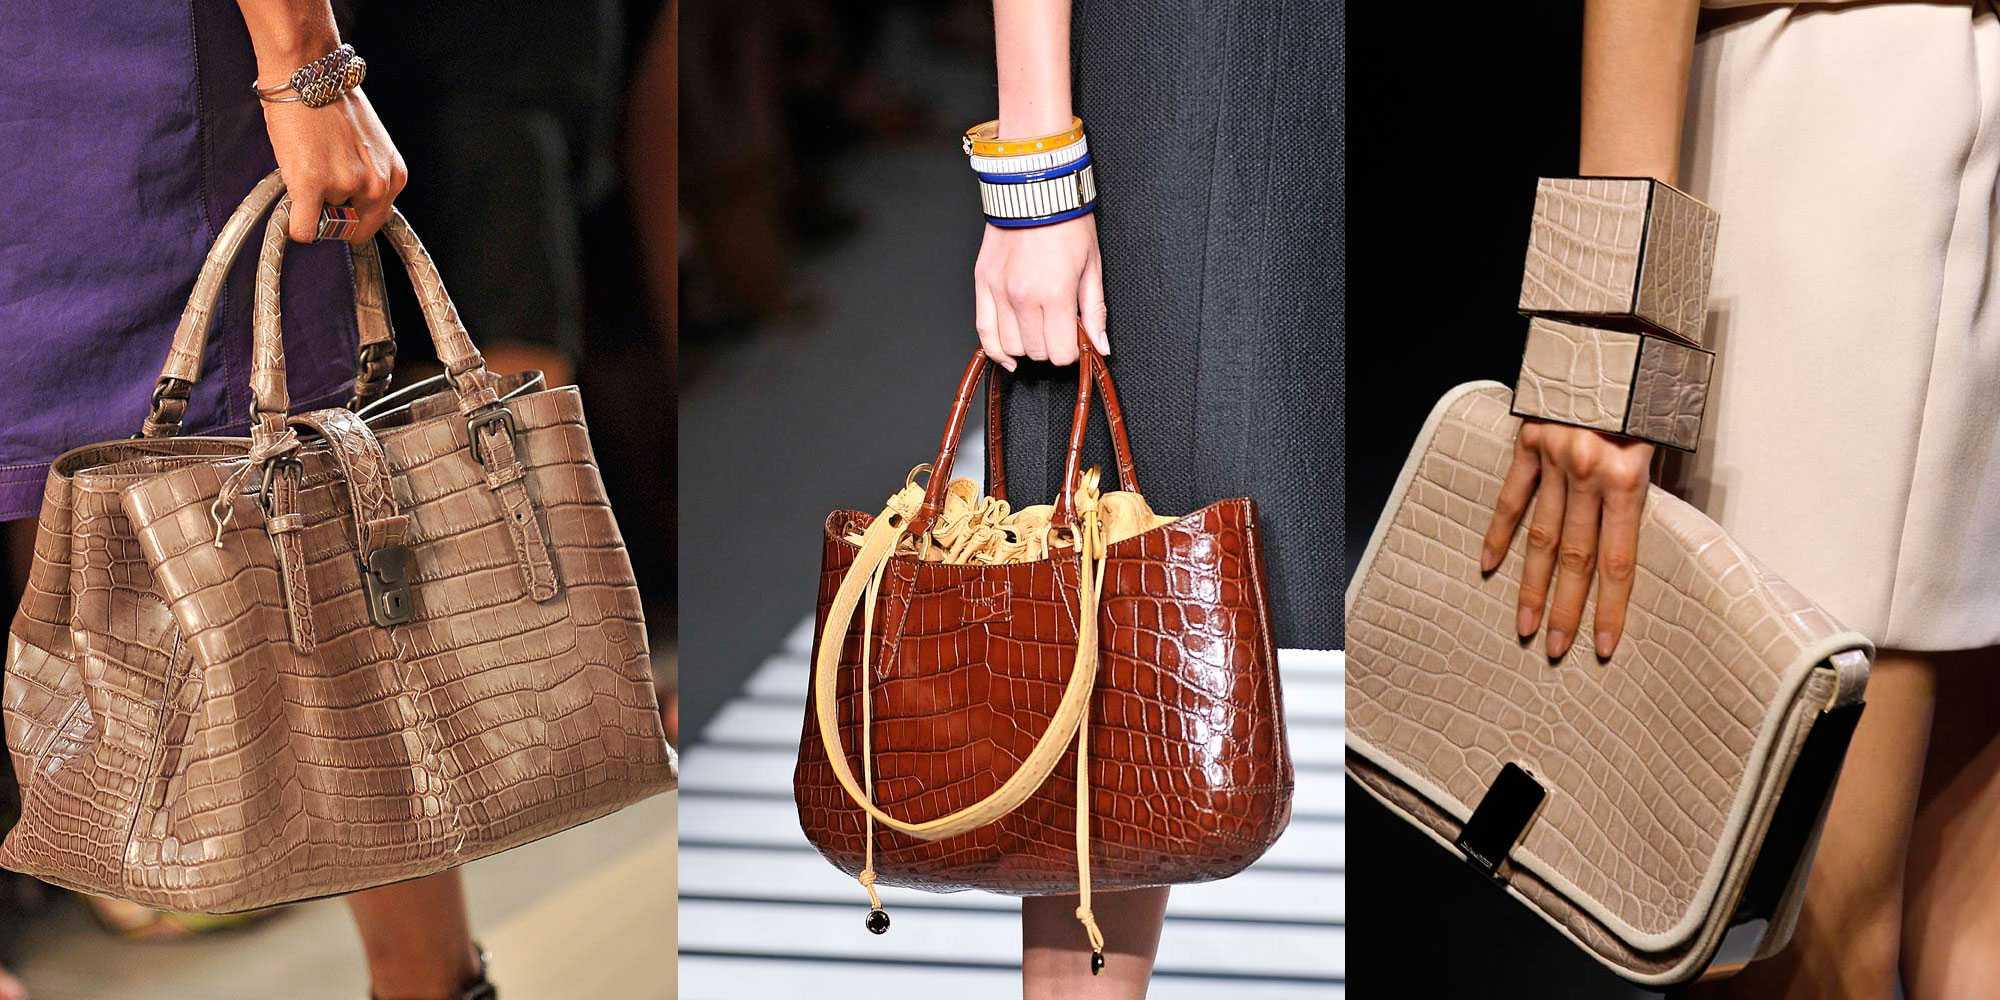 Как правильно выбрать сумки и сколько их должно быть | trendy-u